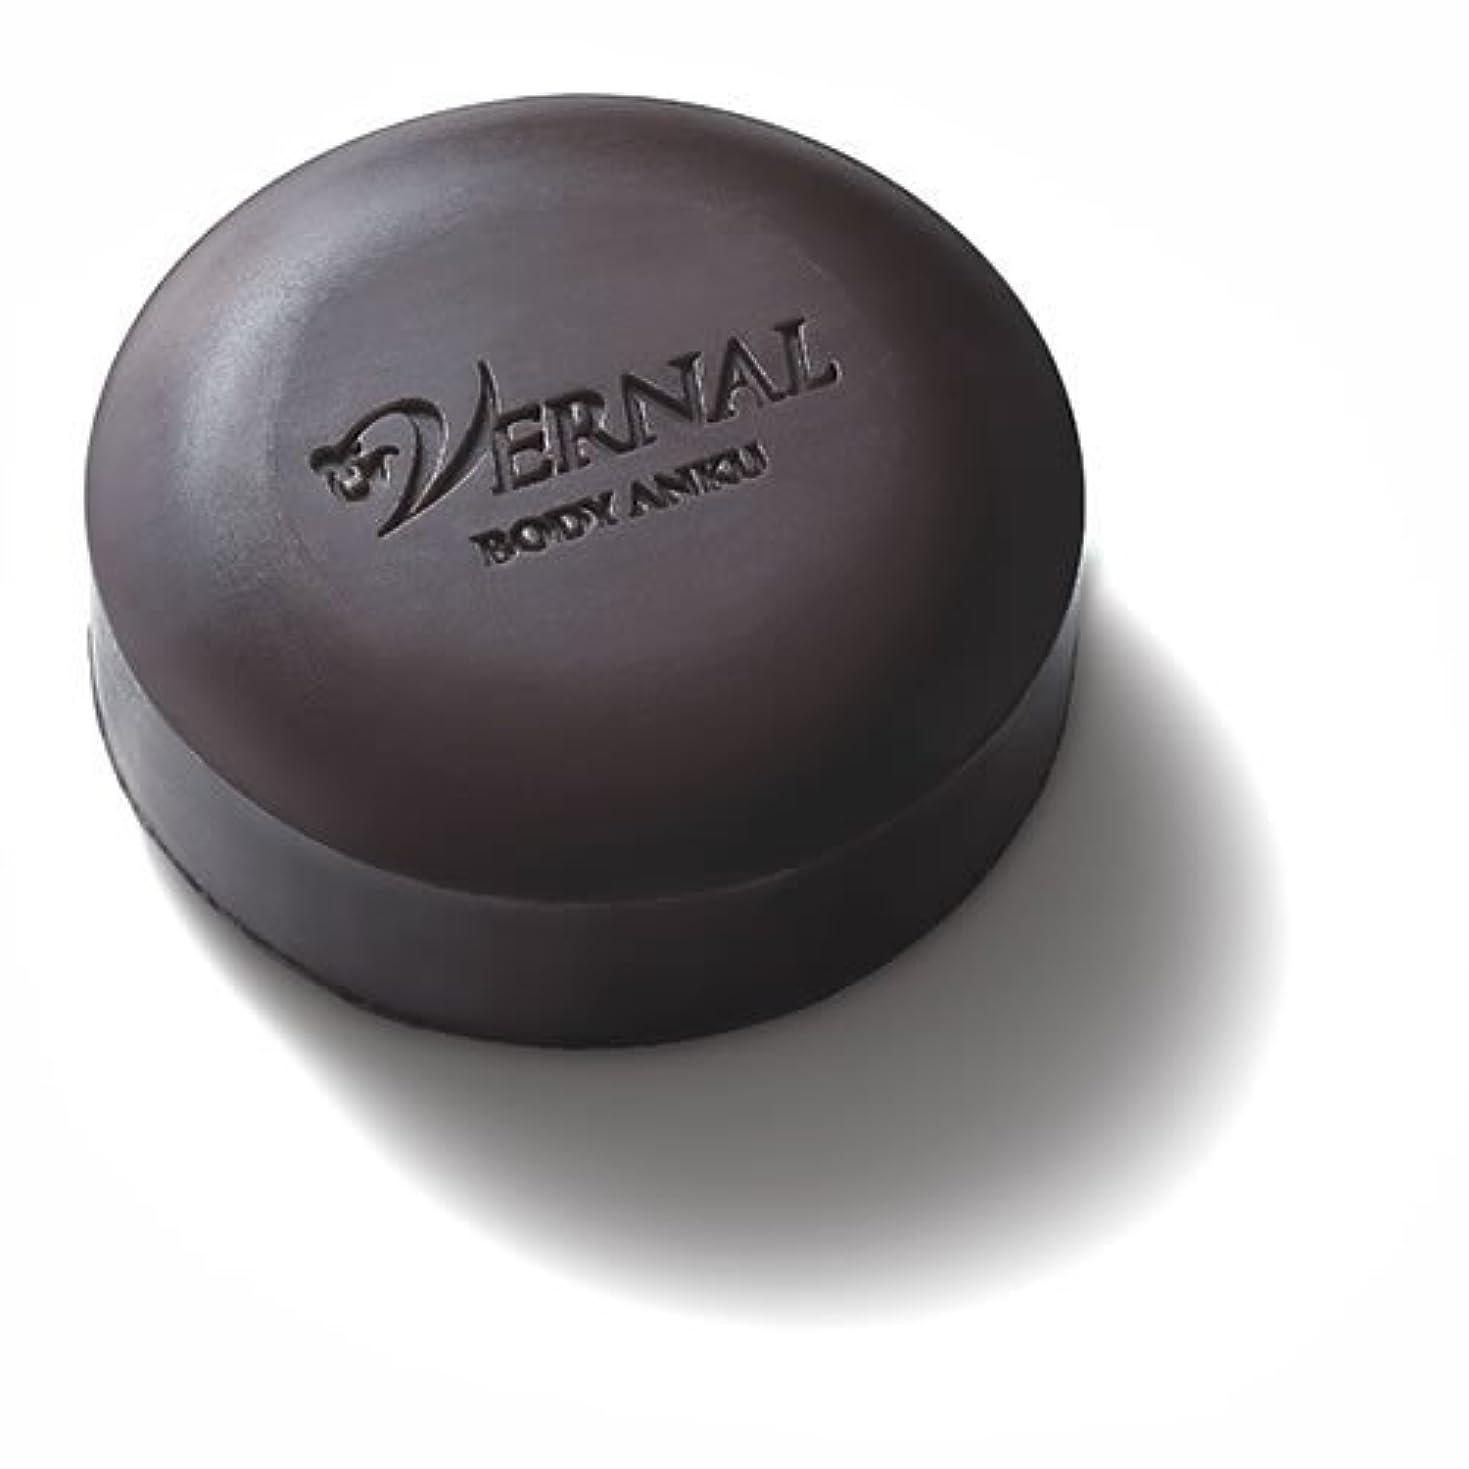 亡命規制する規定ボディアンク/ヴァーナル ボディ用 石鹸 デオドラント